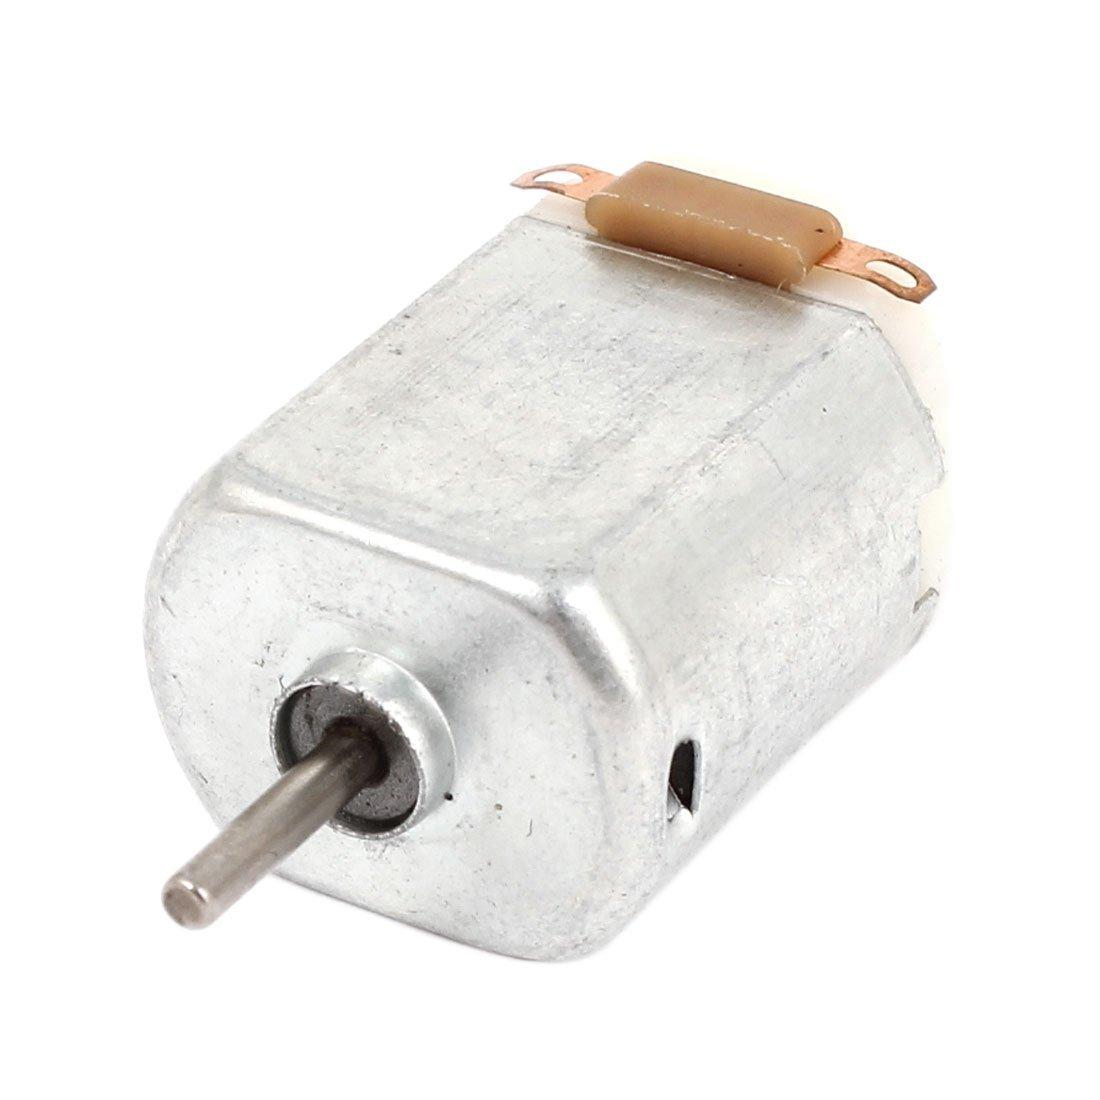 Erfinderisch Dc 1,5 V-3 V Mini Elektrische Motor 18000 Rpm, Diy Spielzeug Hobby 30mm Durchmesser Massager Vibration Micro-motor Zur Verbesserung Der Durchblutung